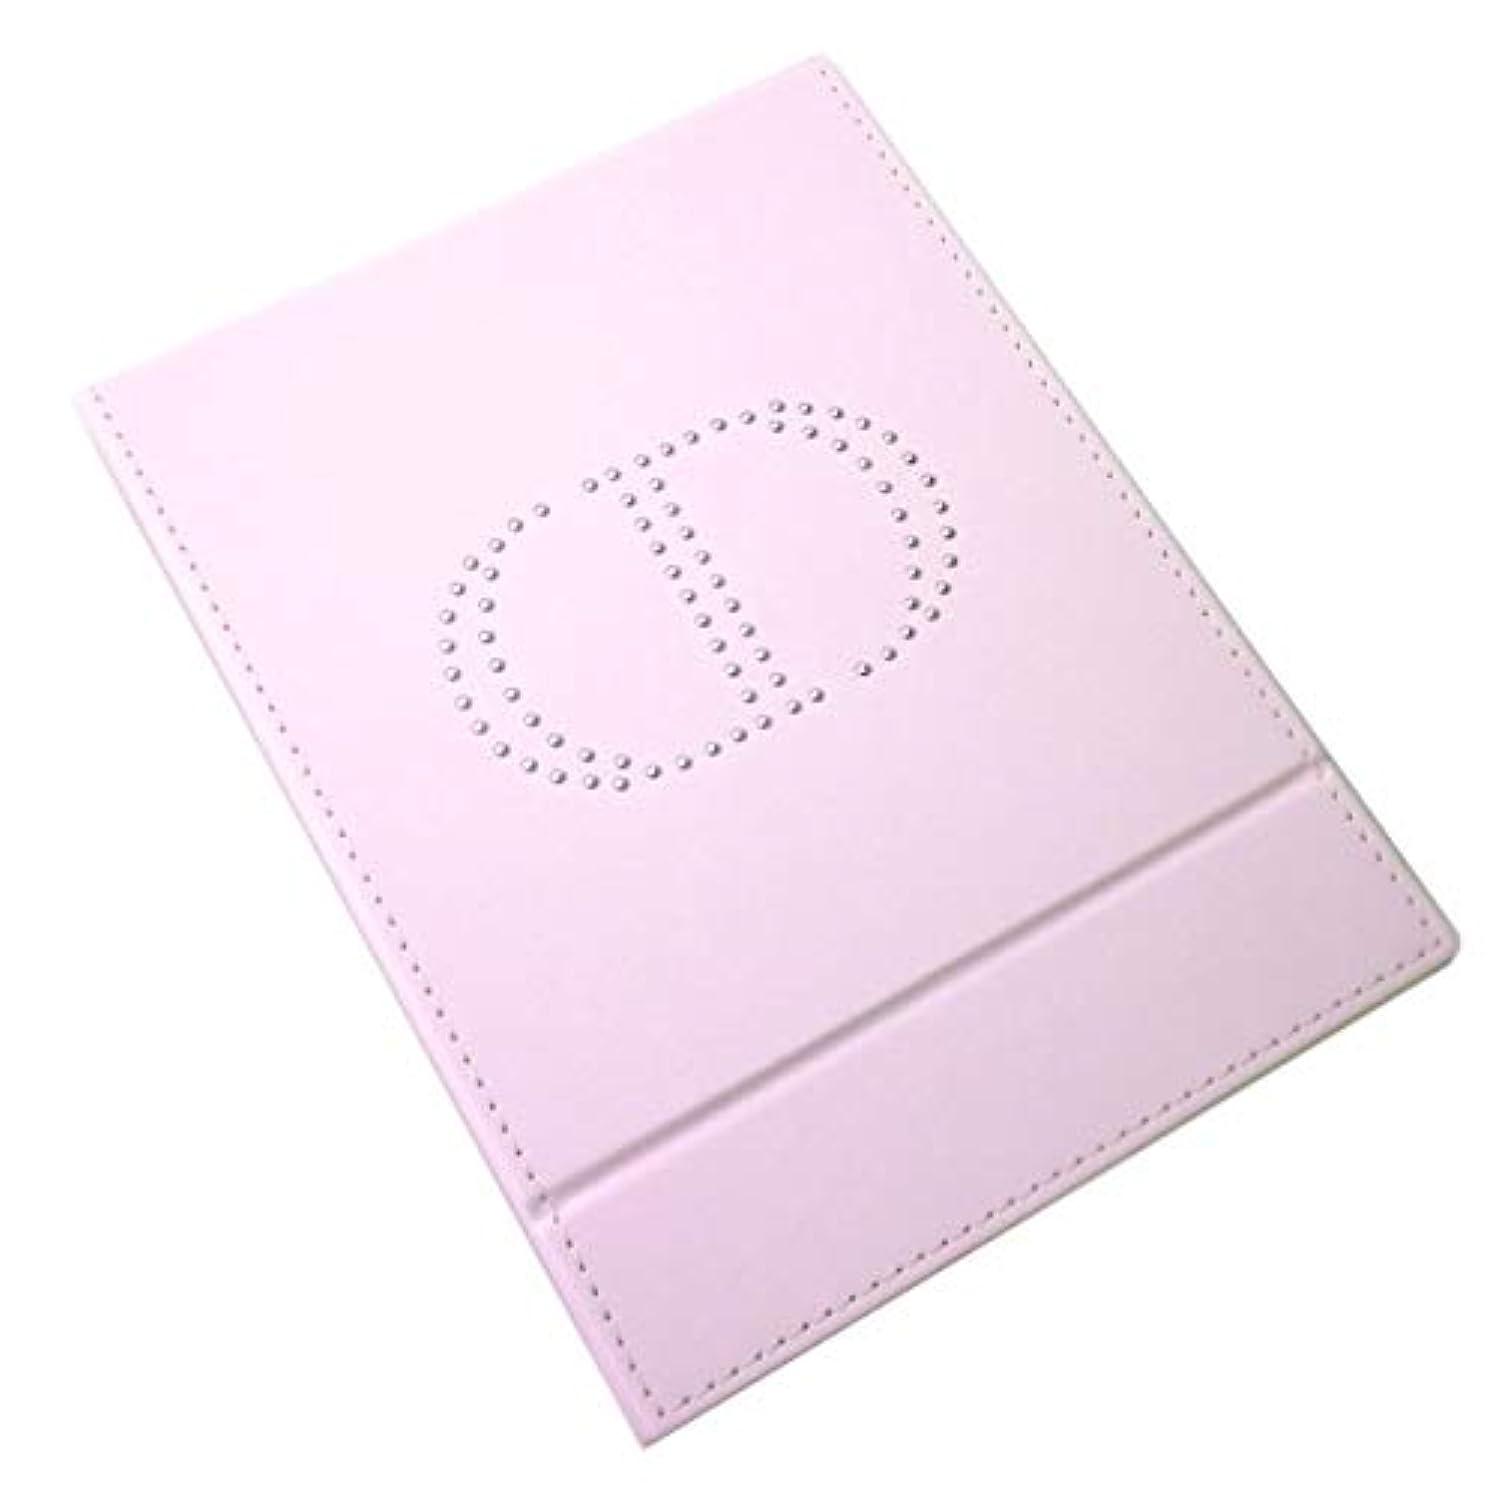 エミュレーション遅れ看板Dior ディオール スタンドミラー ミラー 鏡 ロゴ イブサンローラン 桃 ピンク黒 ブラック 化粧 メイク コスメ (ピンク)